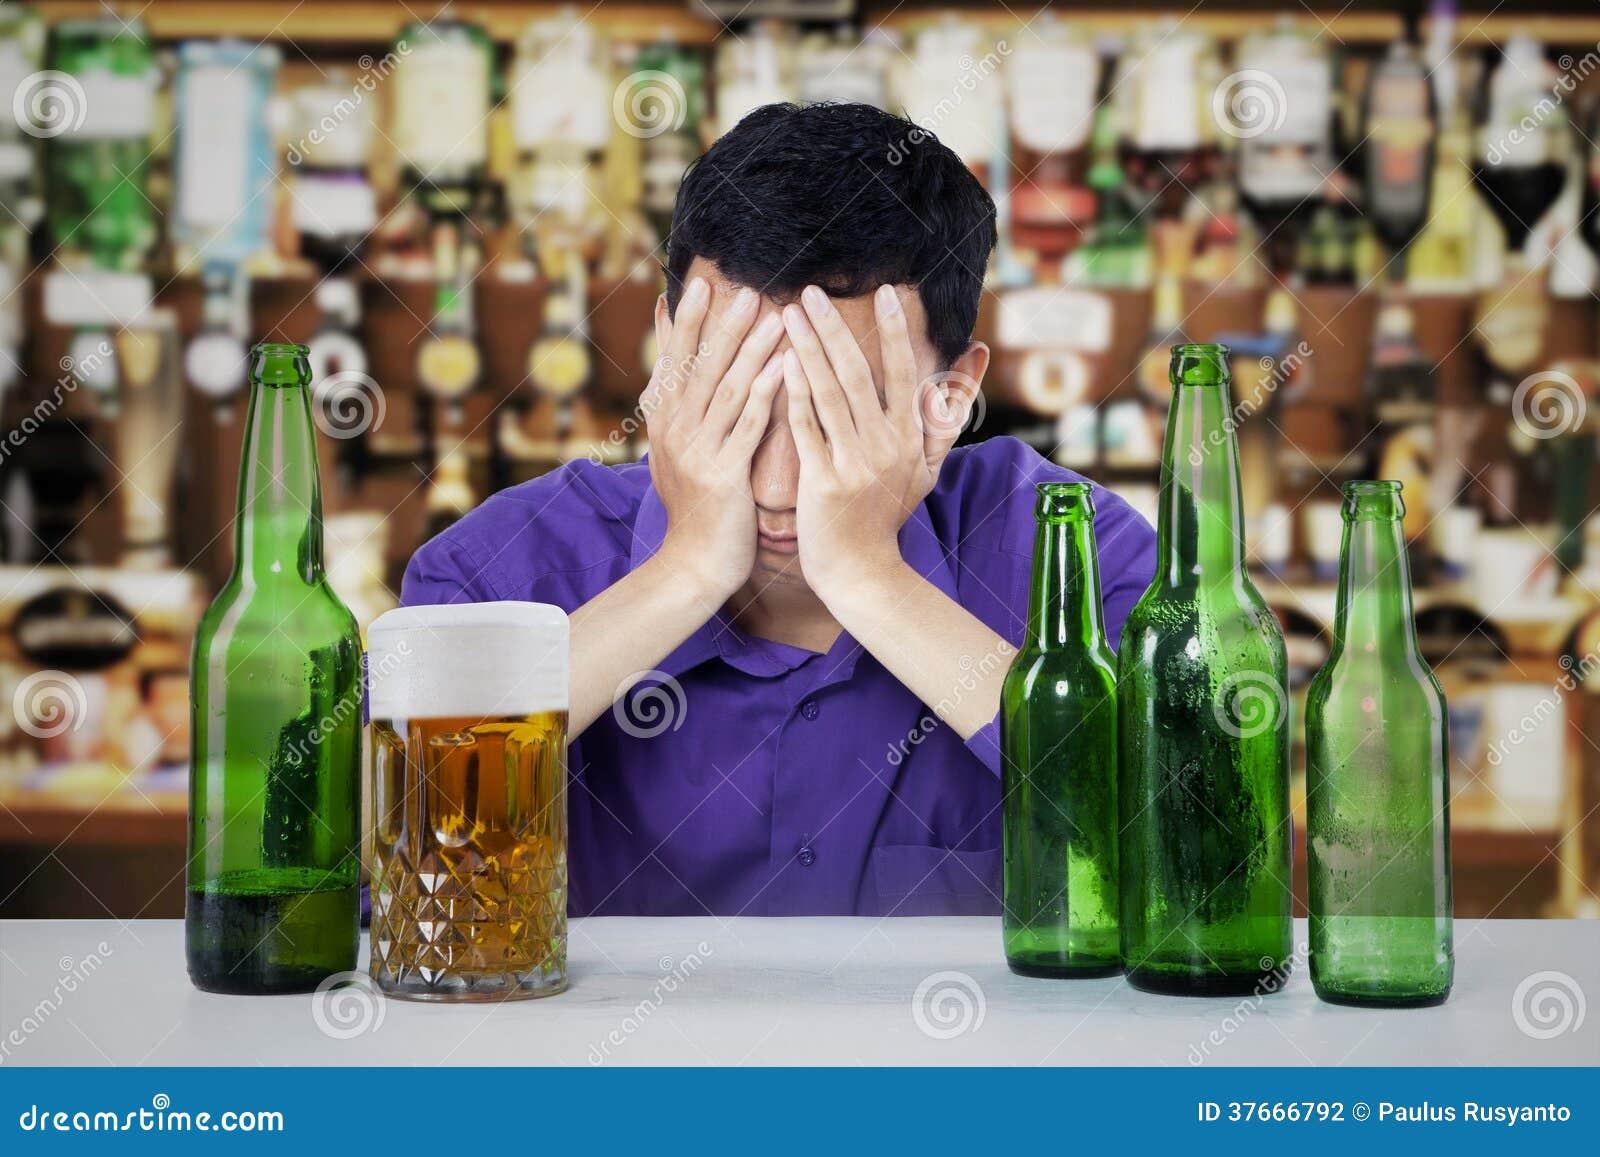 Homem alcoólico em uma barra